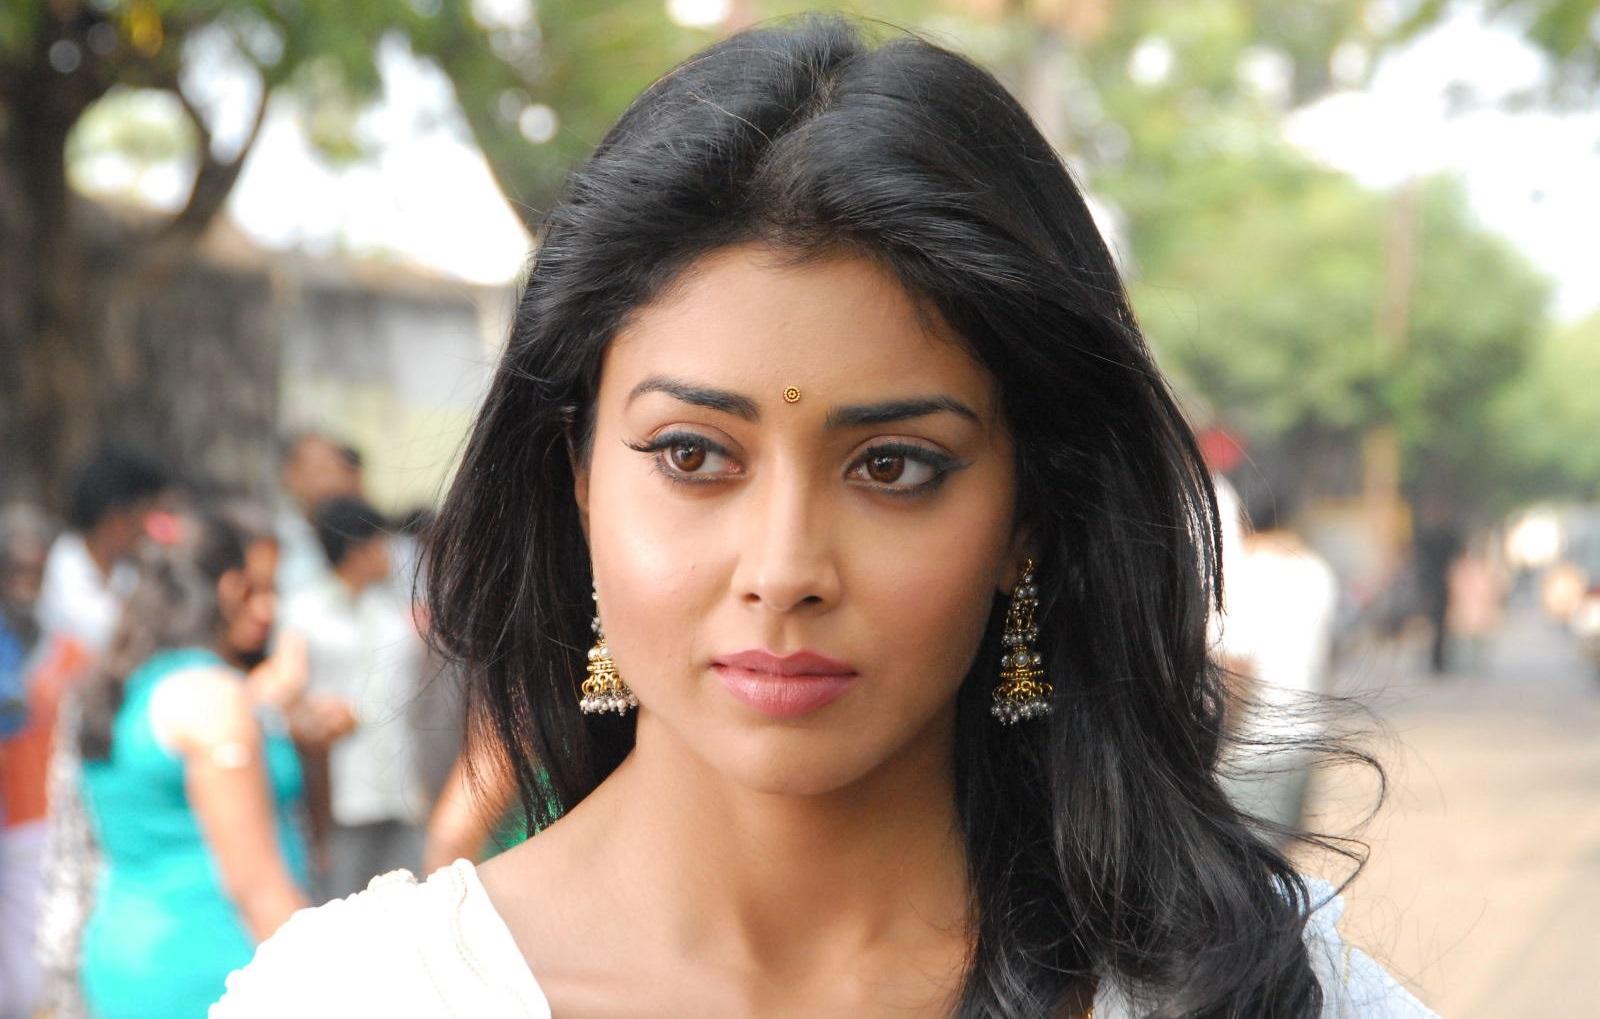 shriya saran actress wallpaper 53927 1600x1019px